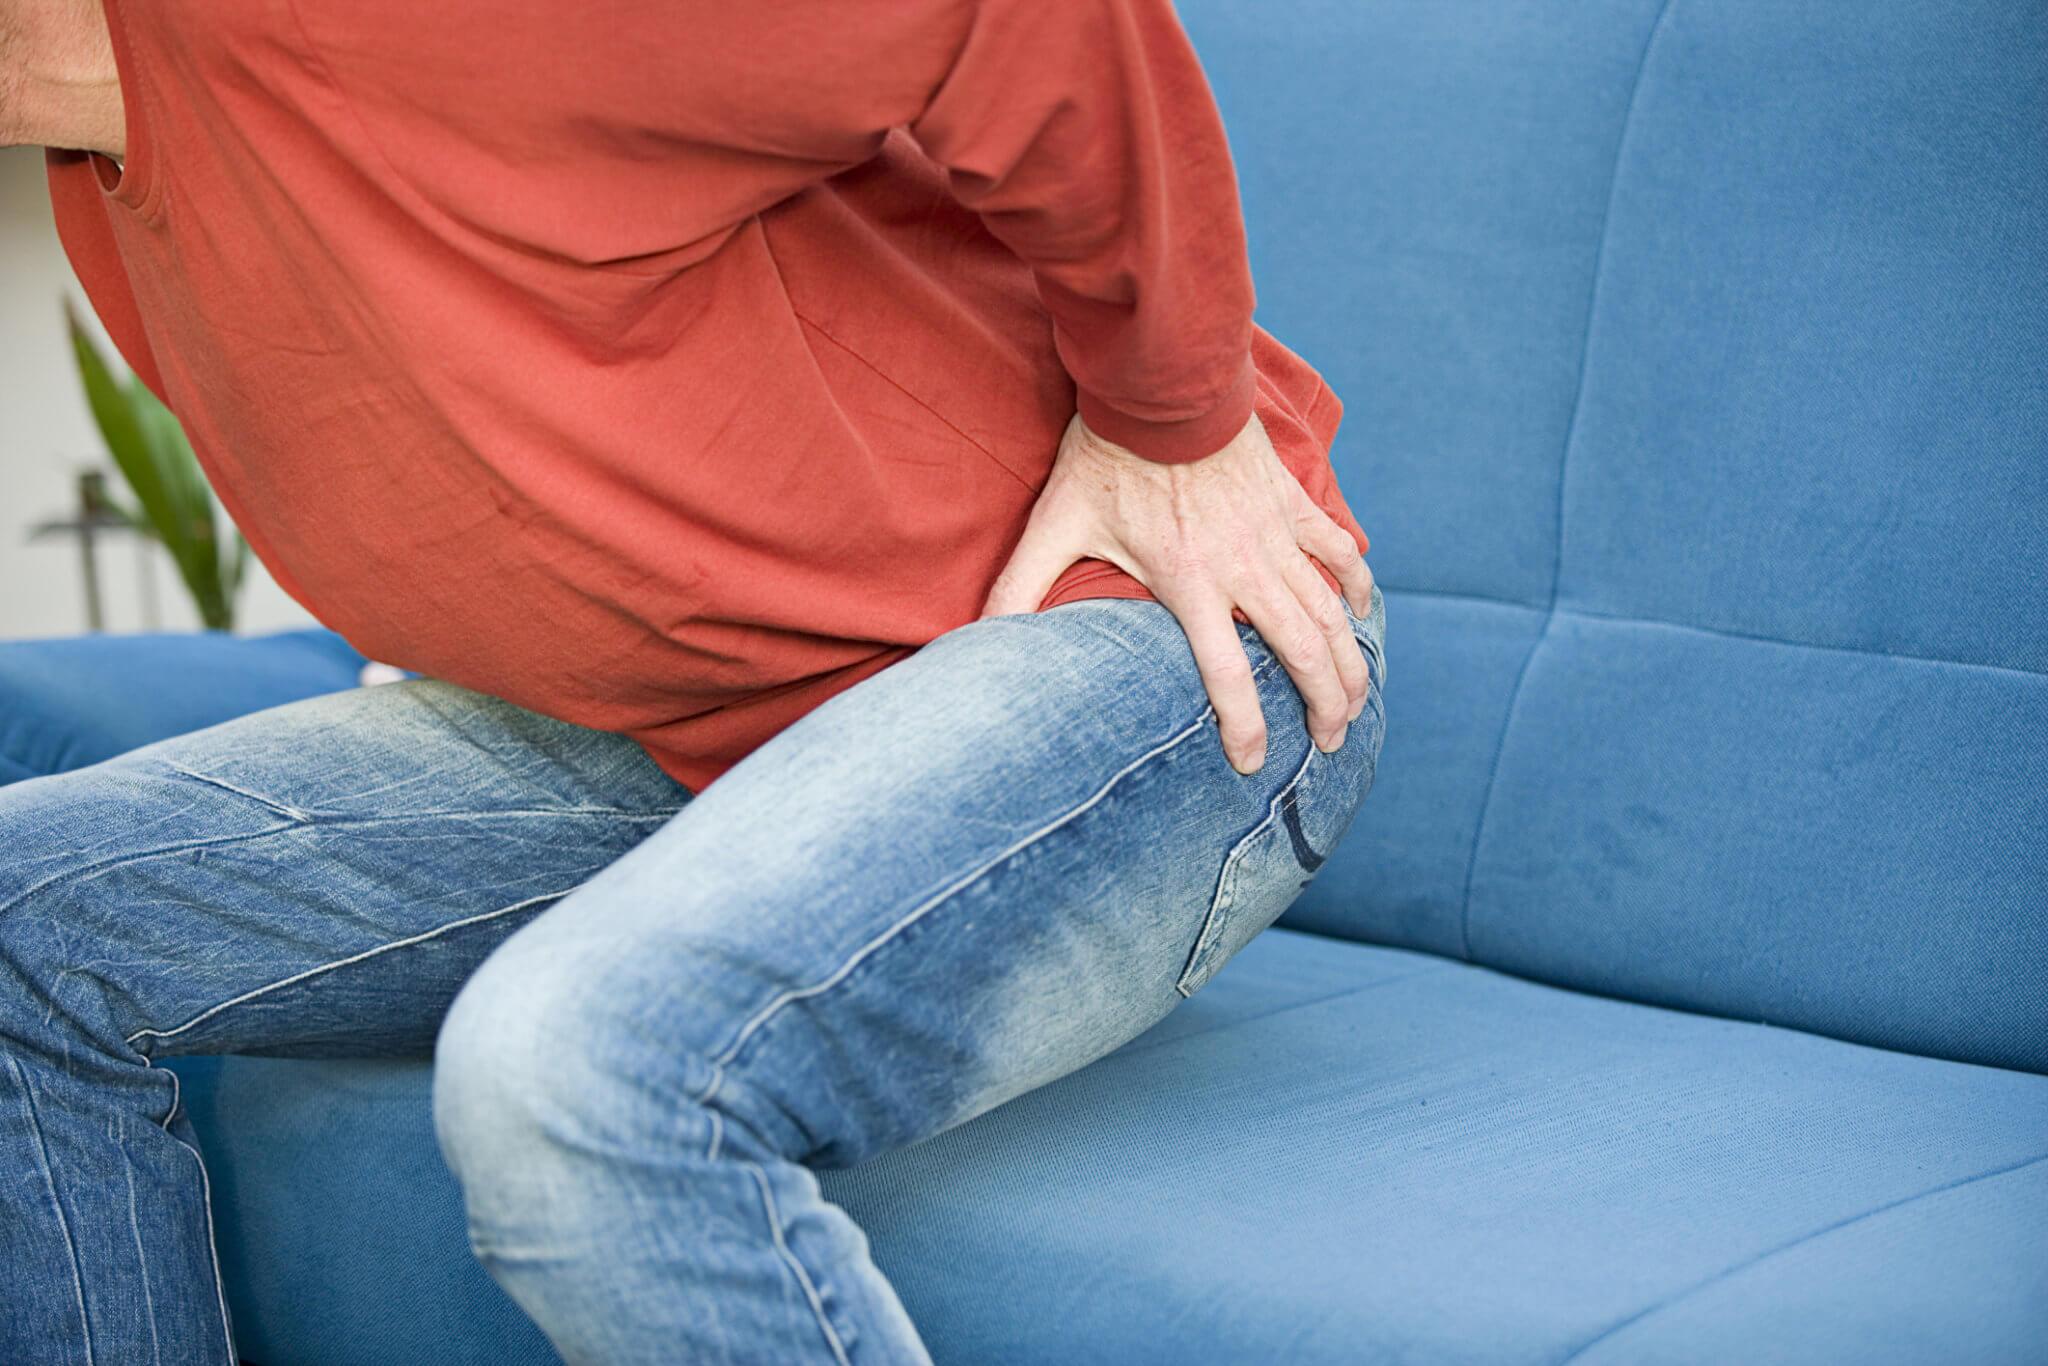 Причины возникновения анальной трещины и ее лечение